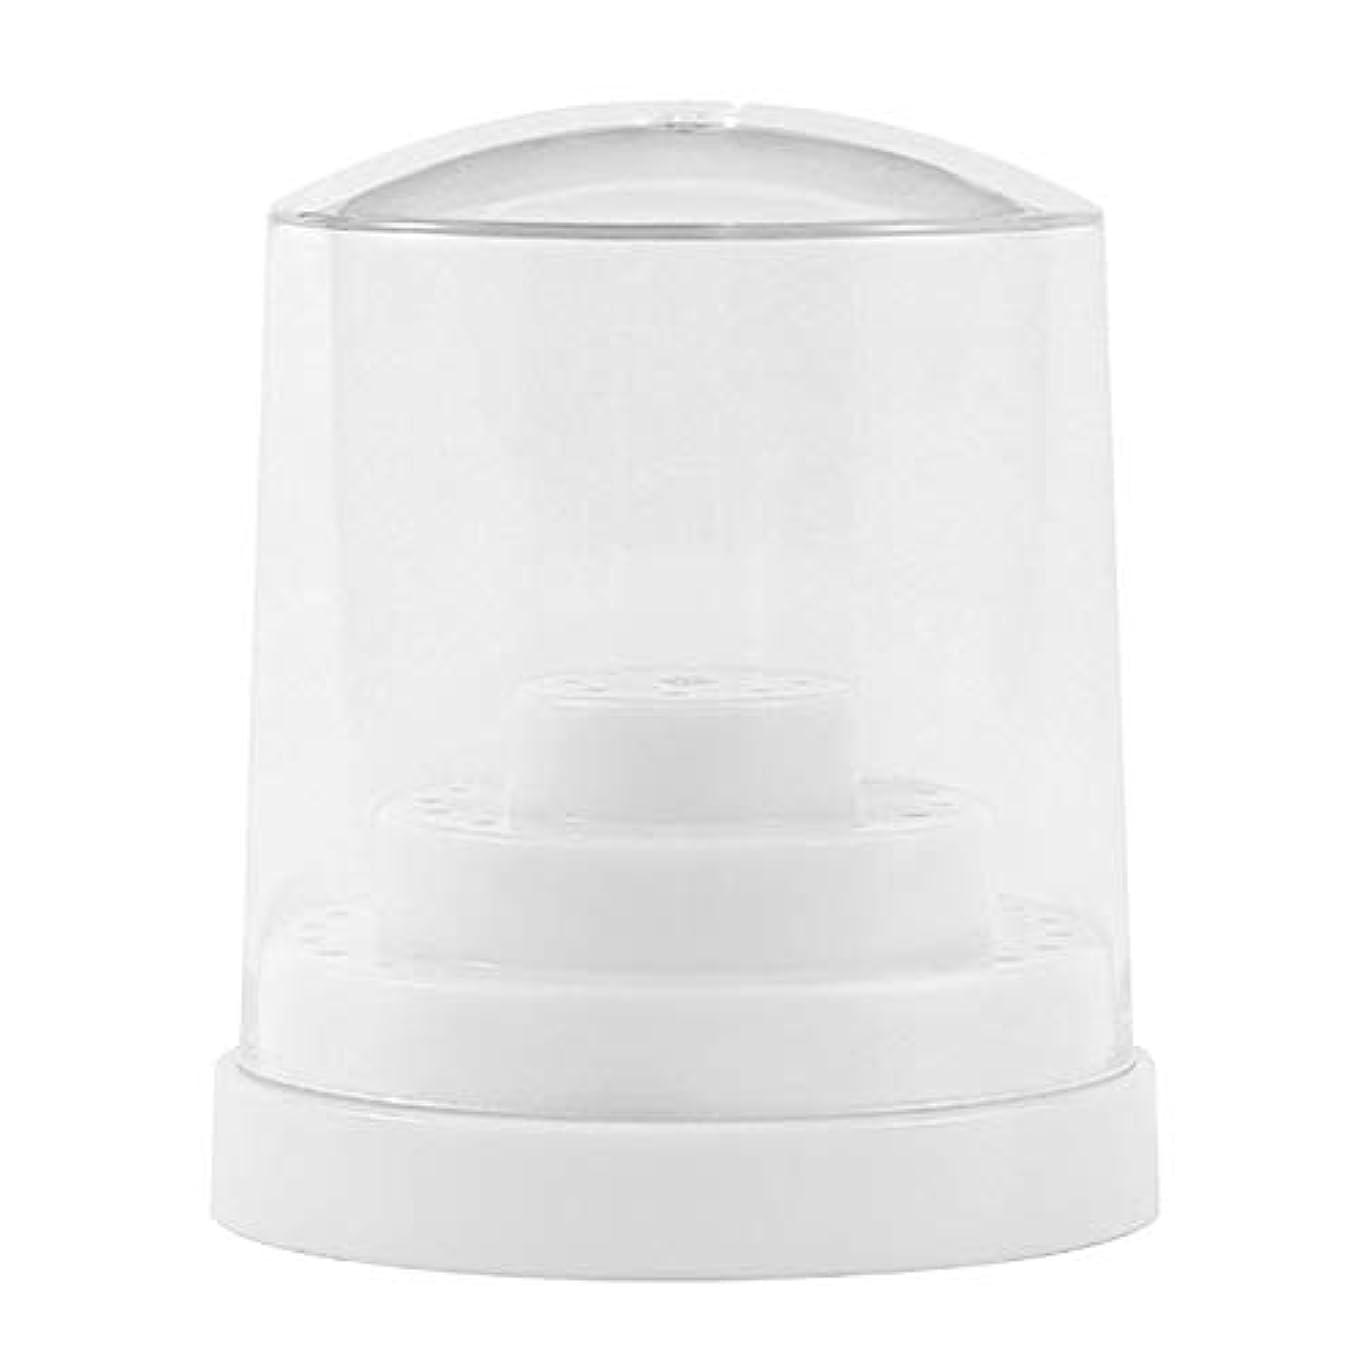 活性化偏心マウスピースCUTICATE ネイルドリル カーバイド合金 ネイルアート ネイル道具 研磨 ドリル収納ケース 三層48穴収納 - ホワイト